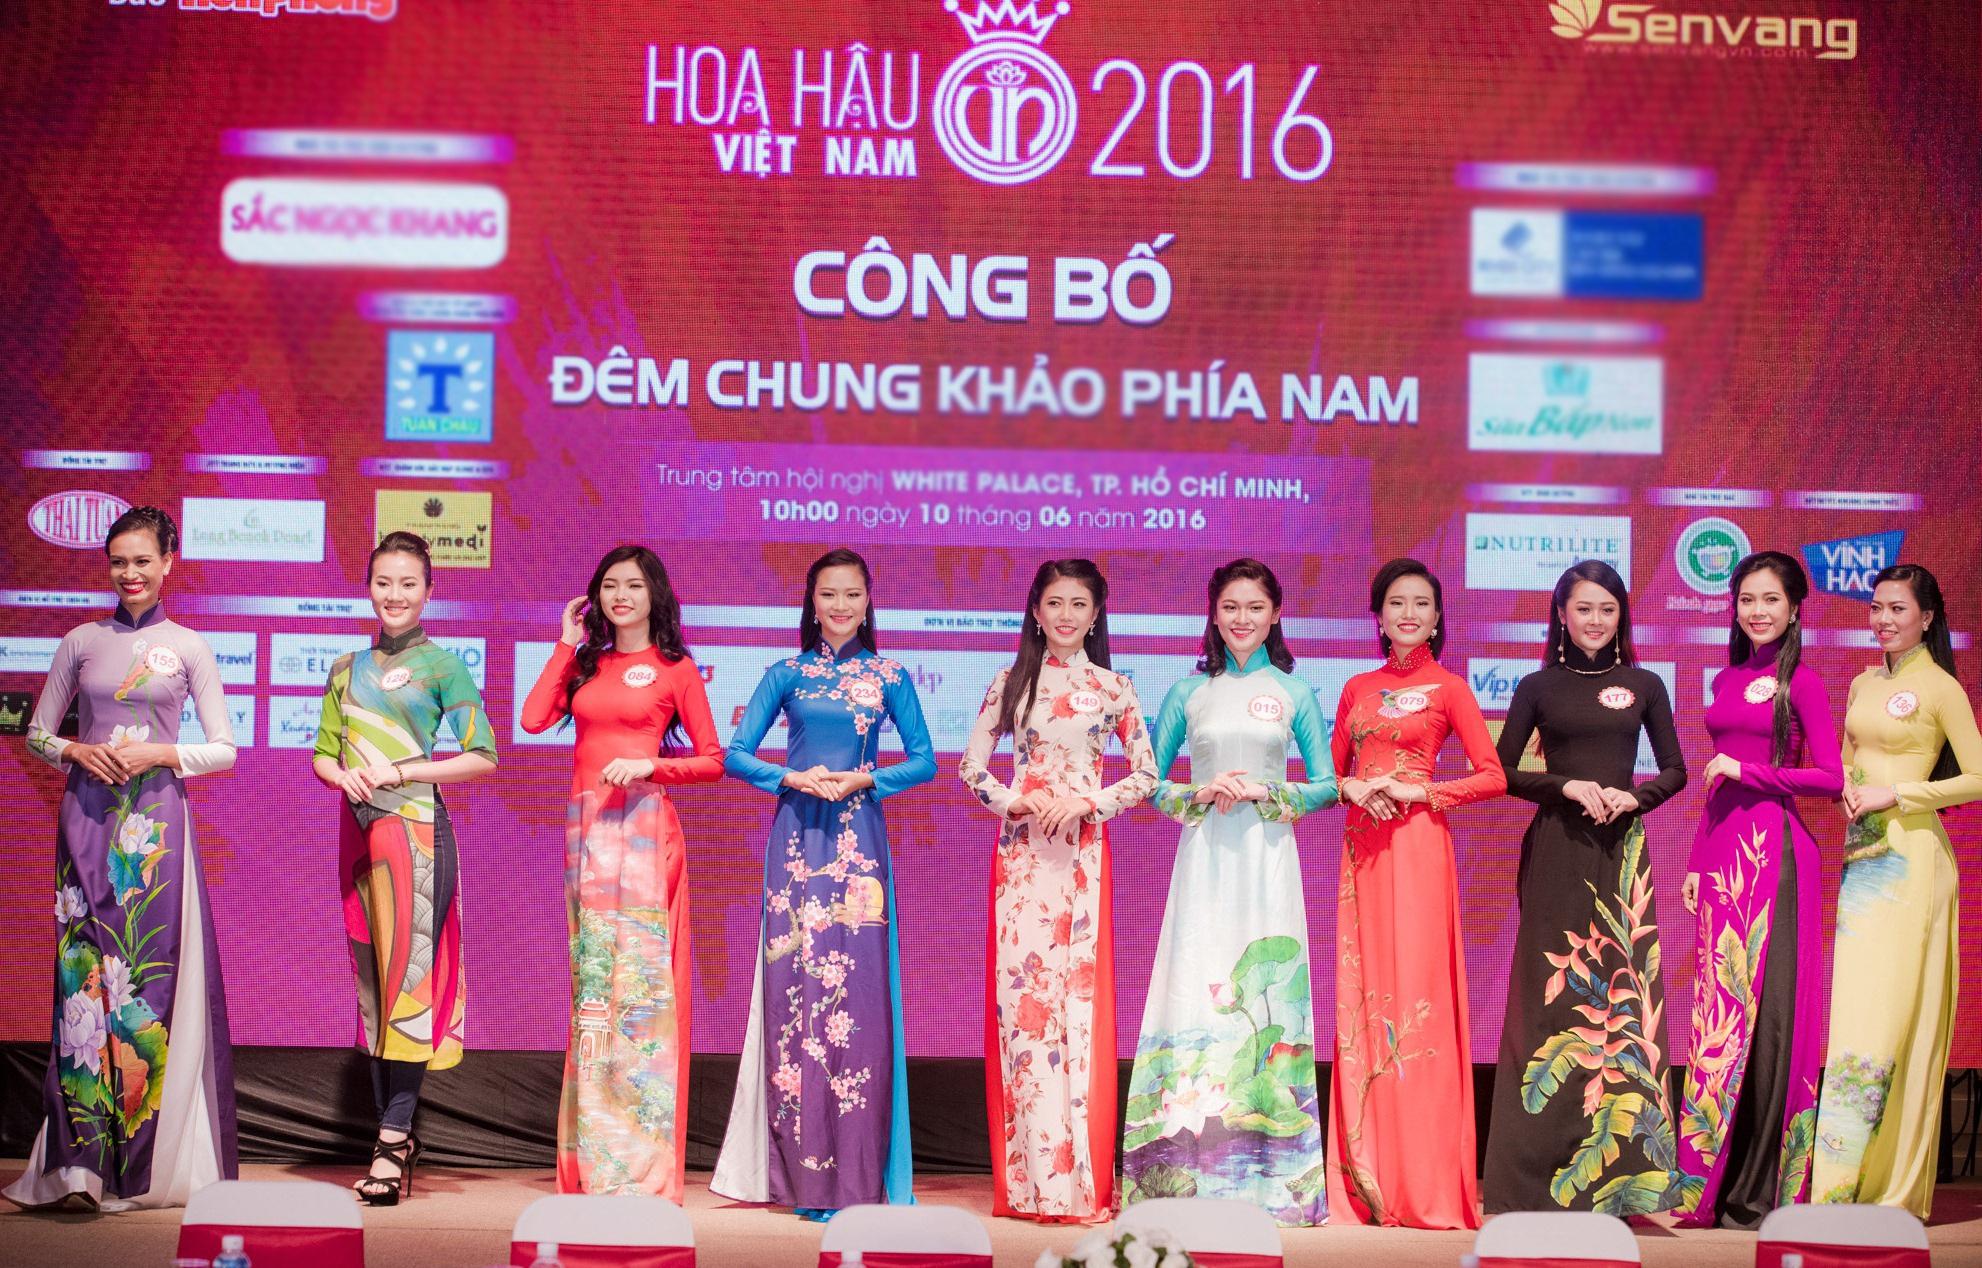 Bi Rain sẽ trình diễn trong đêm chung kết Hoa hậu Việt Nam - 2